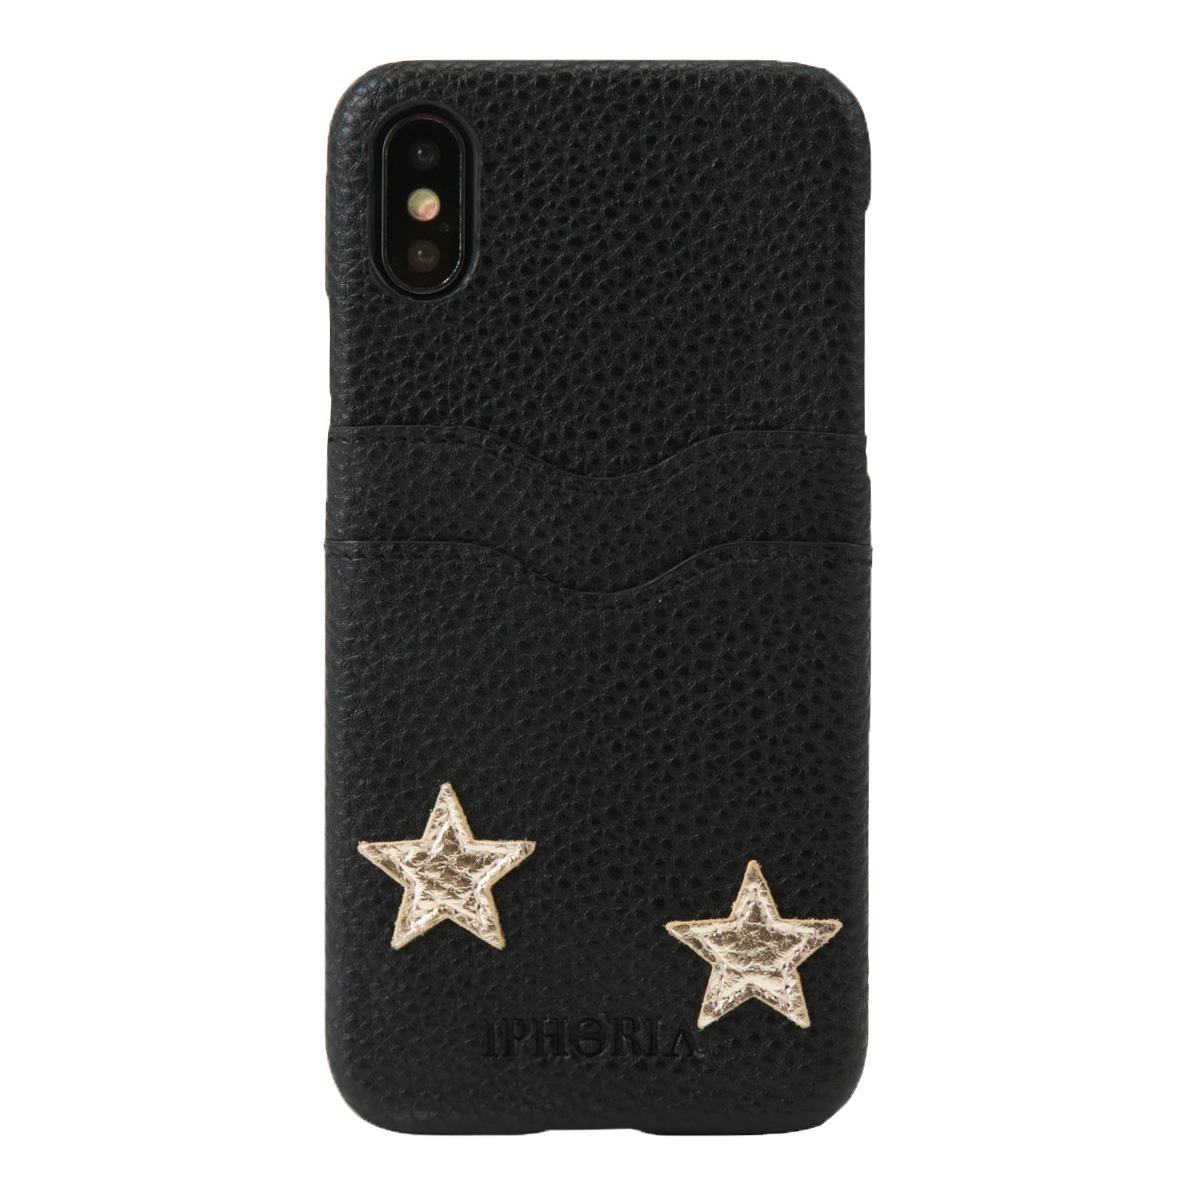 IPHORIA アイフォリア Slot Case for X/XS - Black Stars - Stay With Me スロットケースブラックスターズステイウィズミー 海外ブランド オシャレ 人気